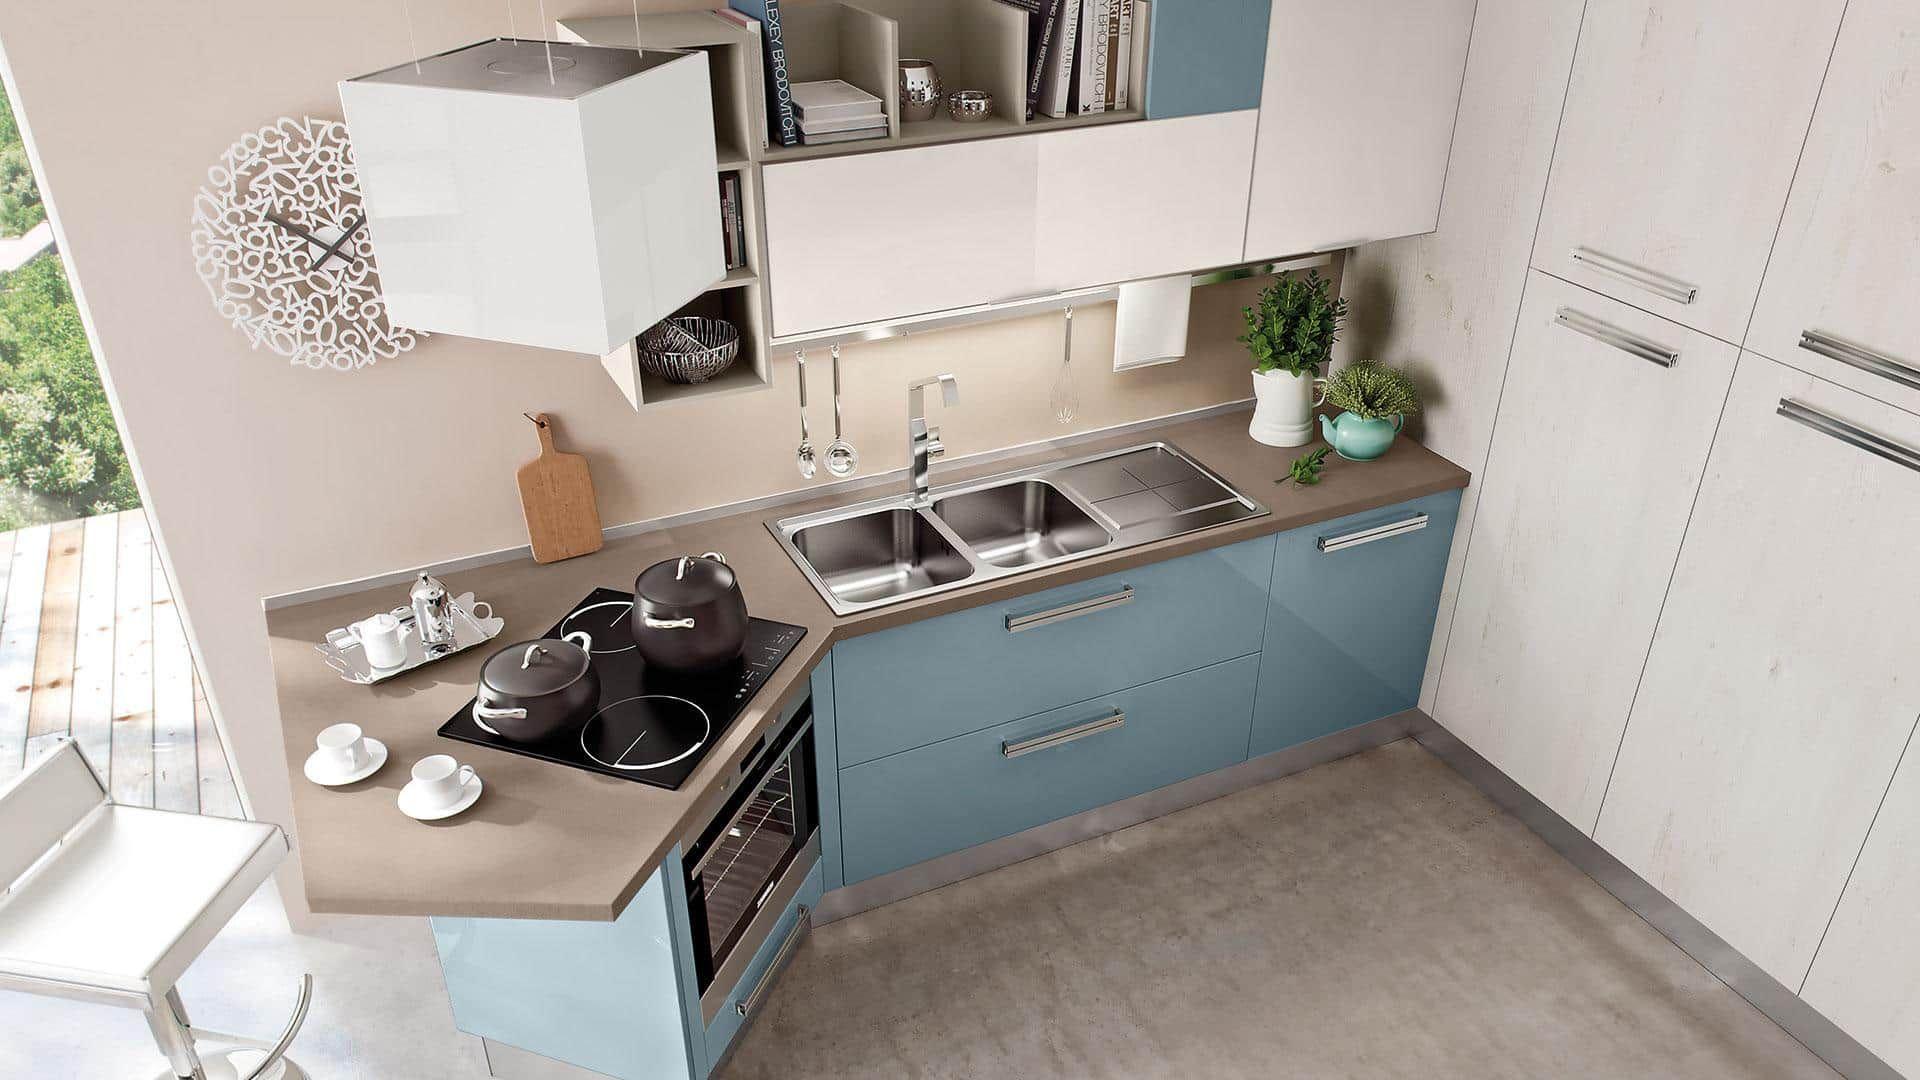 Arredamento per cucine di piccole dimensioni arredo - Cucine ad angolo con penisola ...